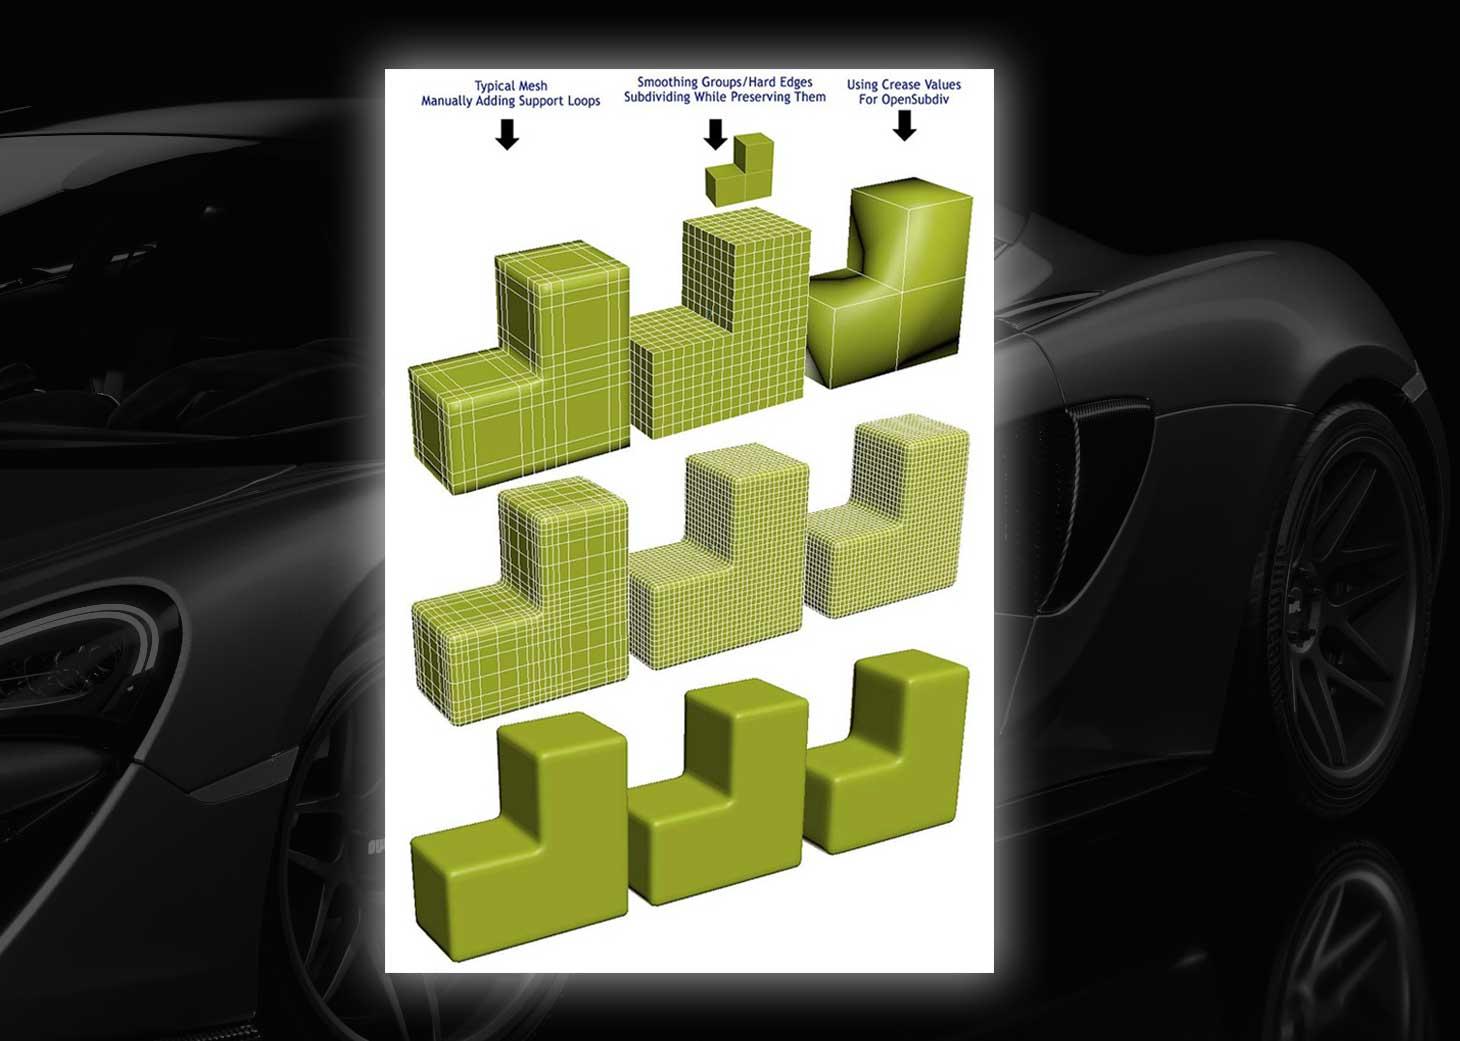 نحوه مدلسازی خودرو در تری دی مکس